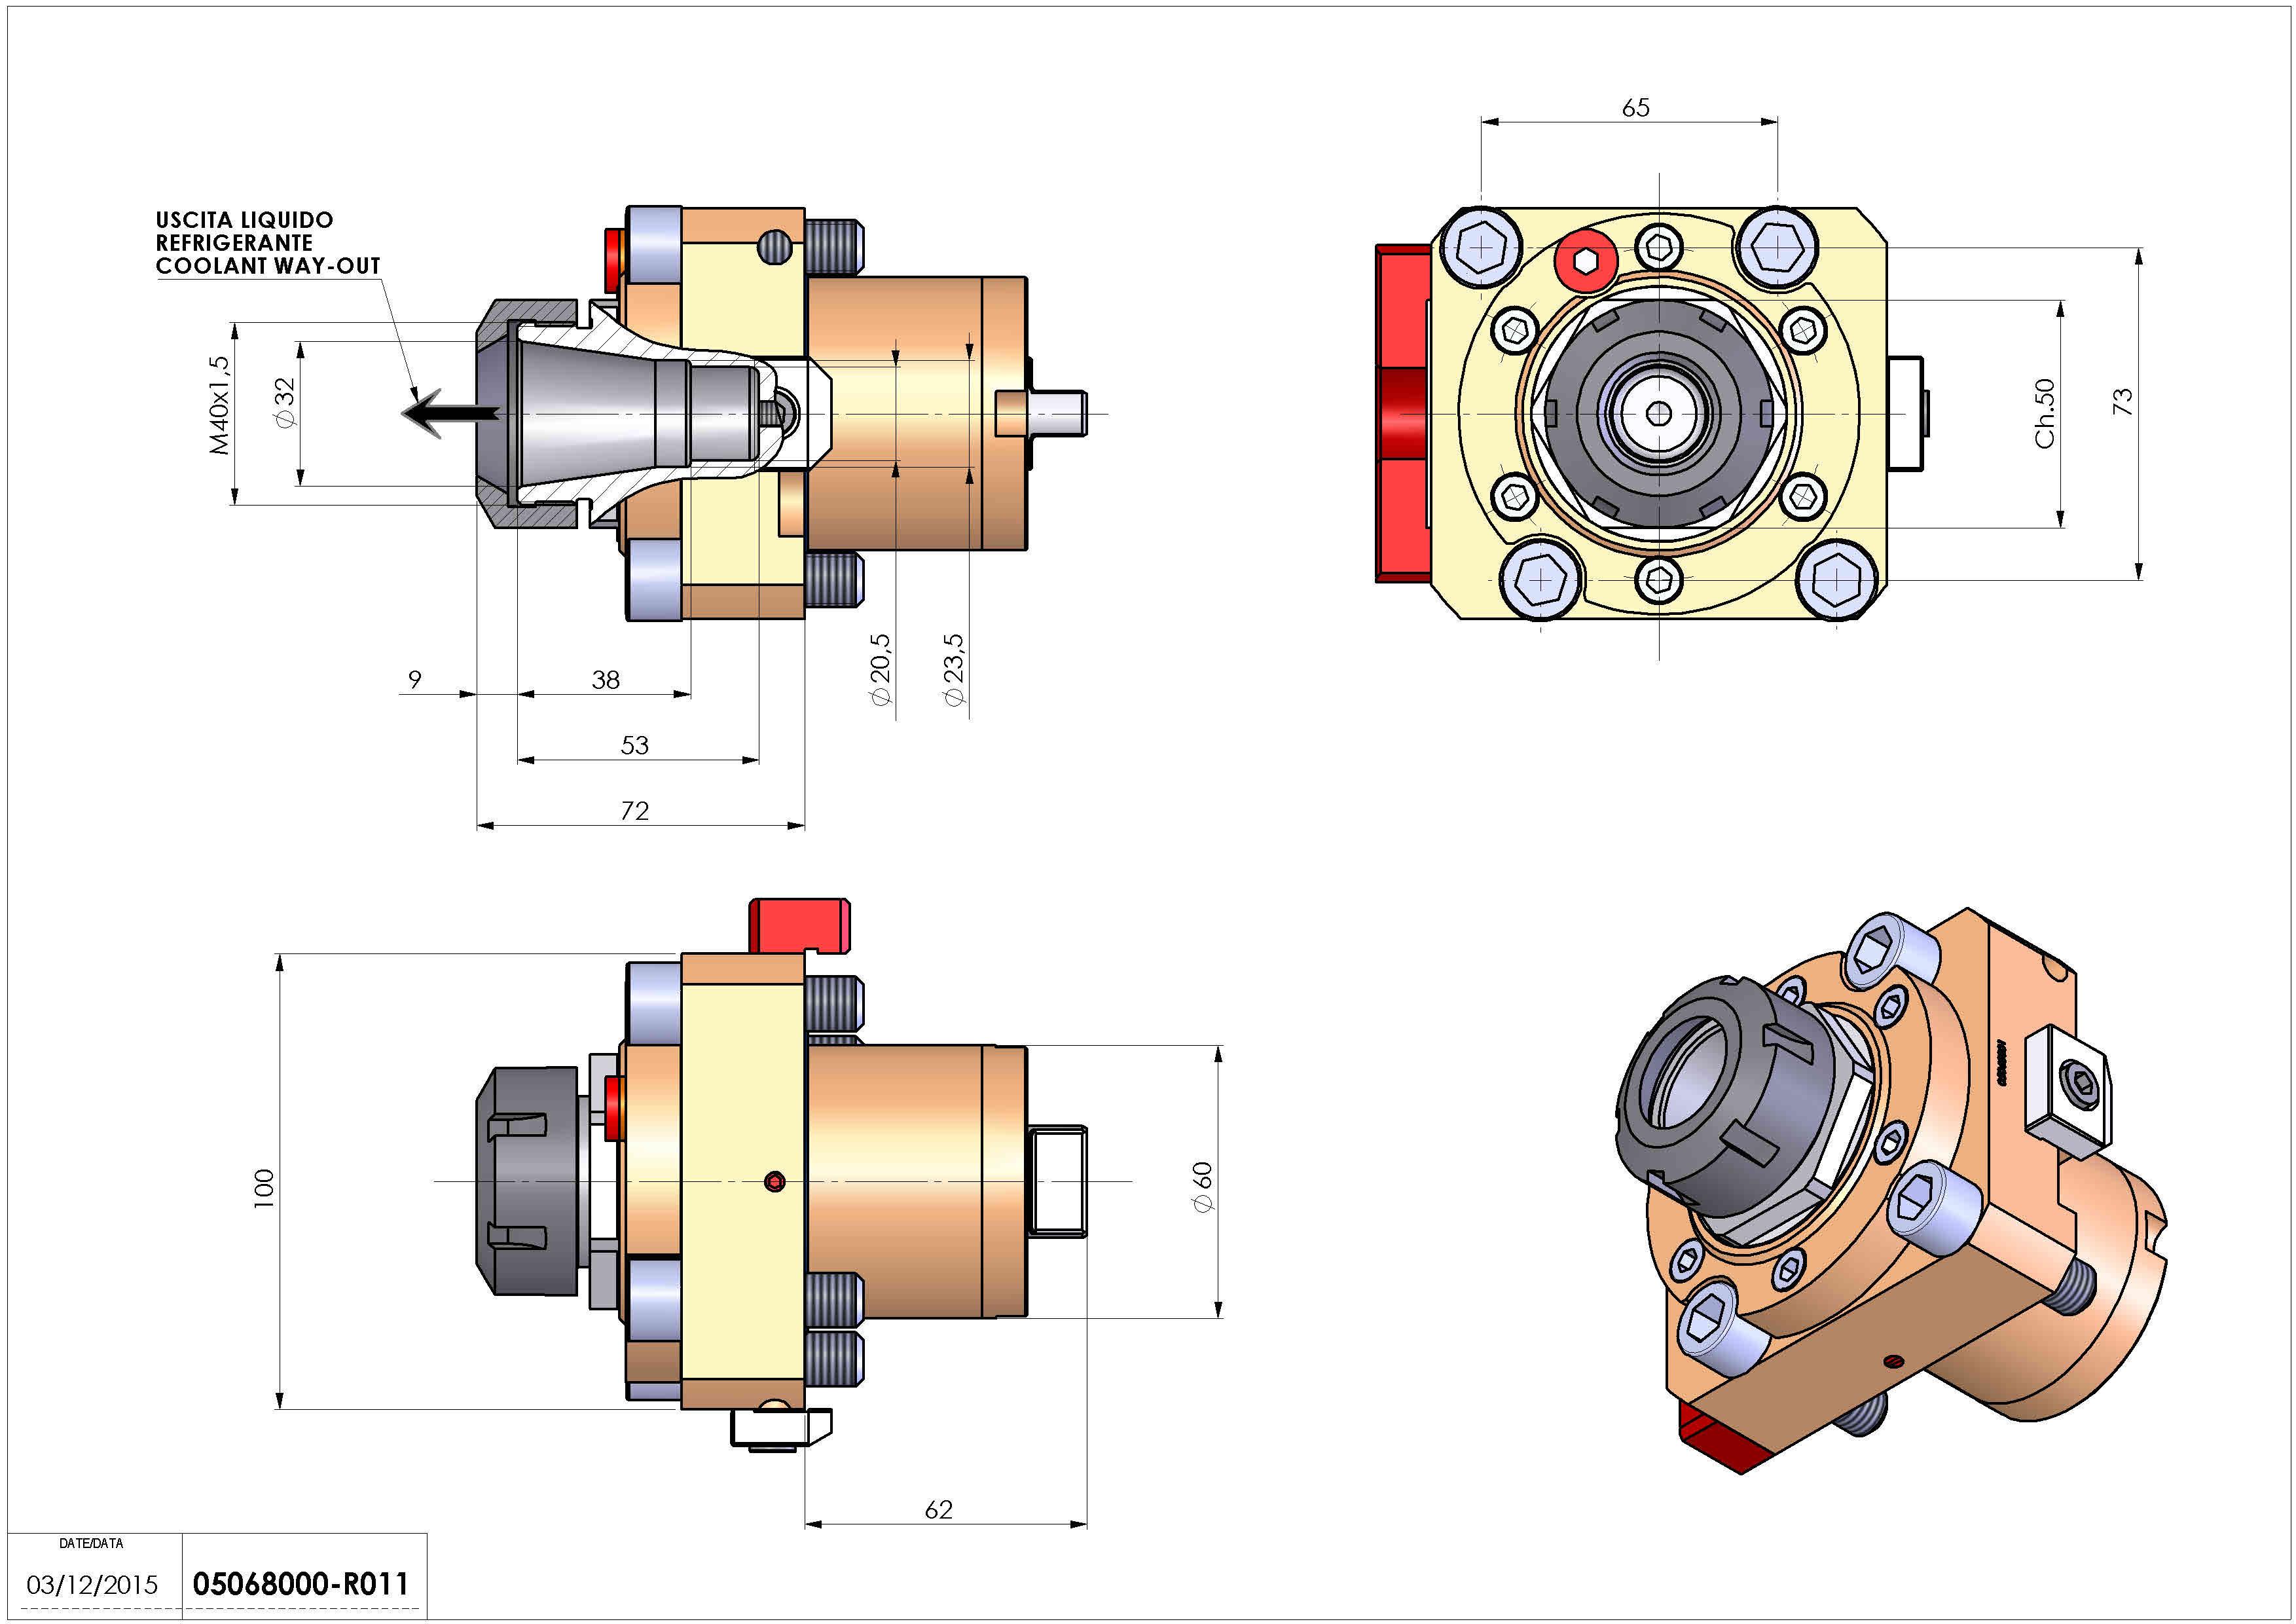 Technical image - LT-S D60 ER32 RF H72 OK.